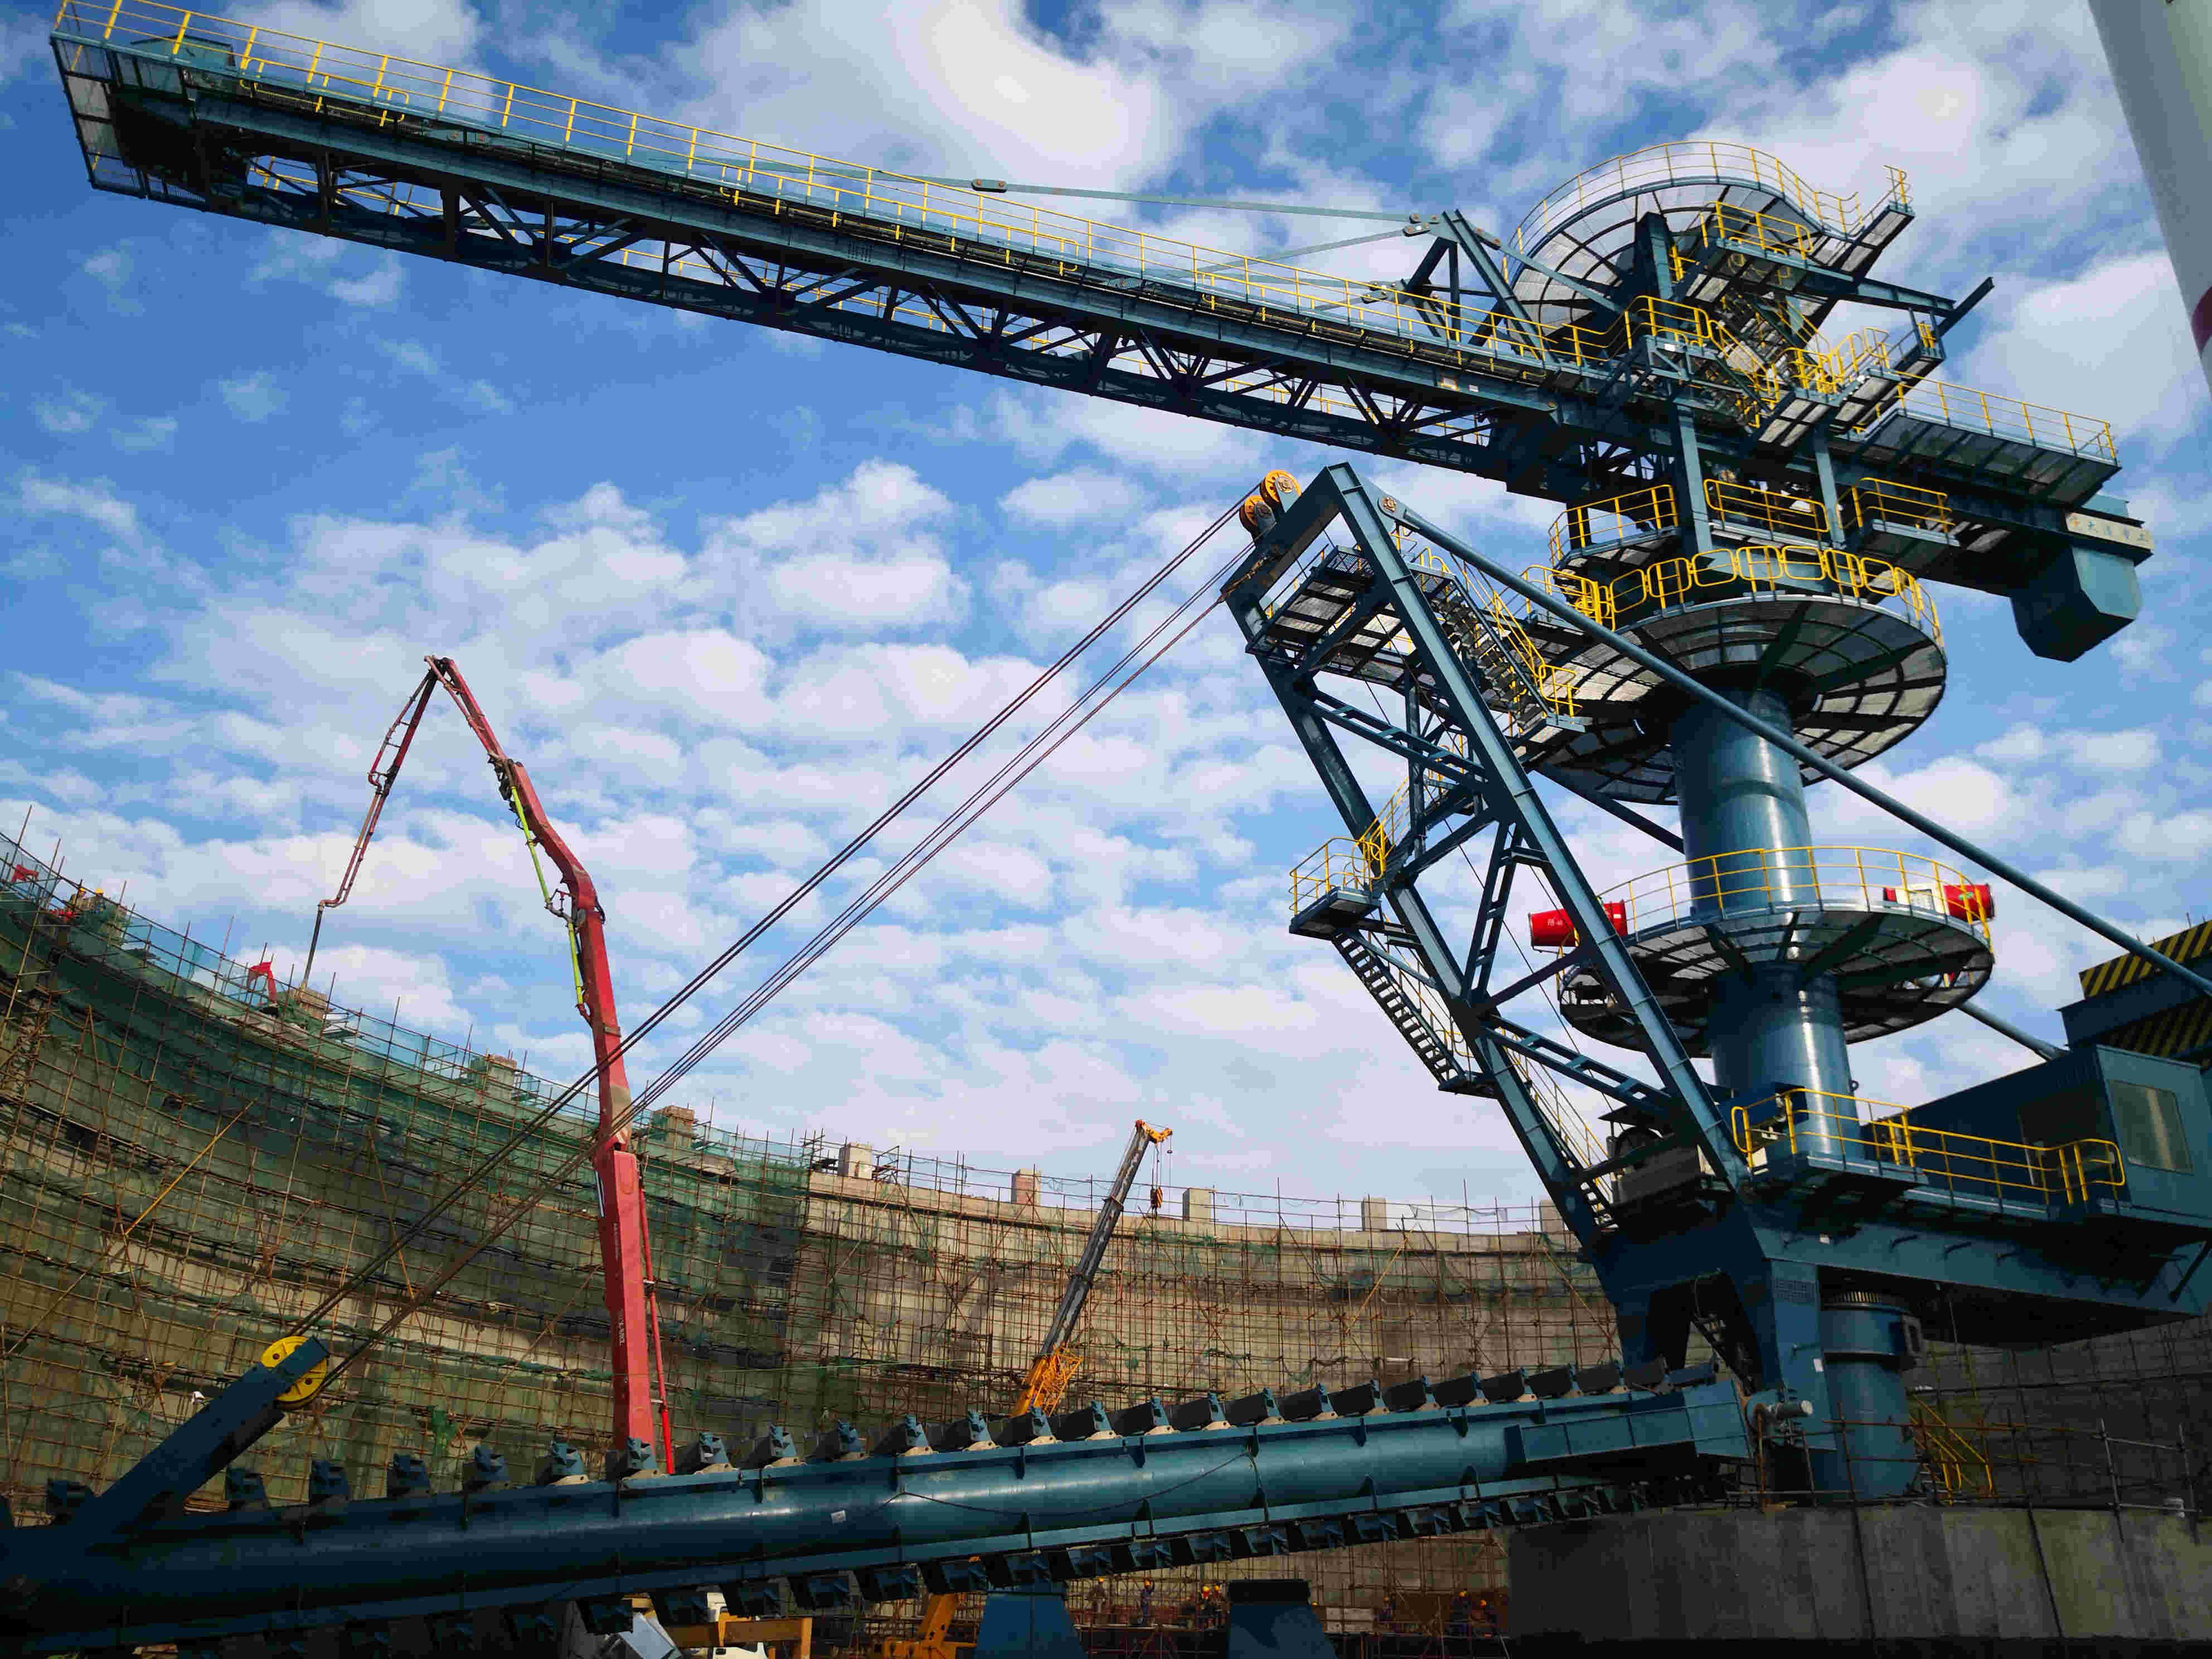 中化泉州石化120万吨乙烯项目